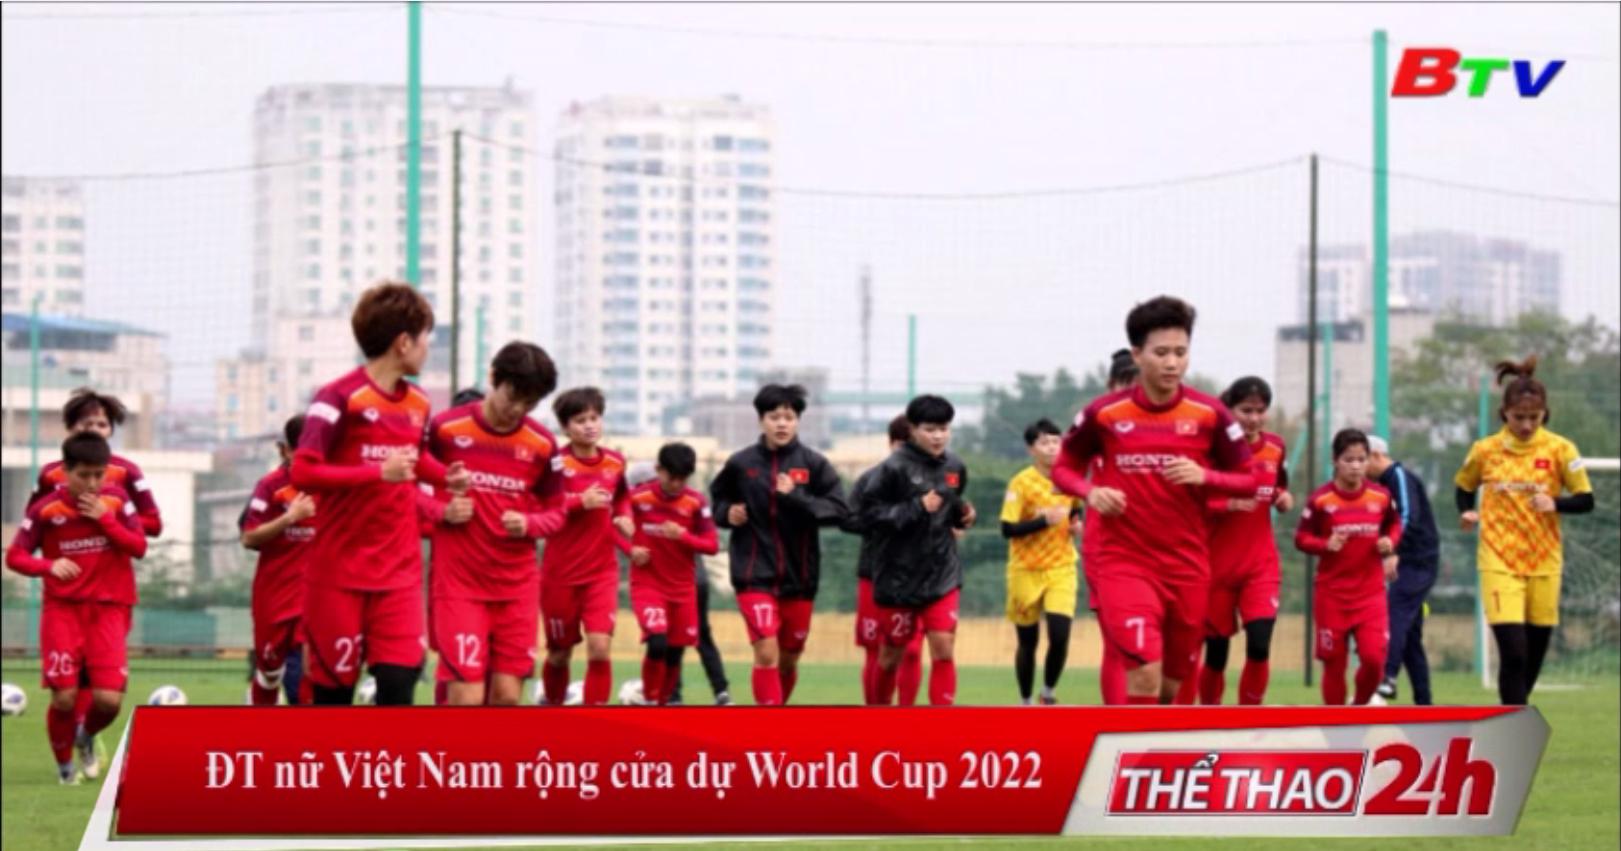 ĐT nữ Việt Nam rộng cửa dự World Cup 2022